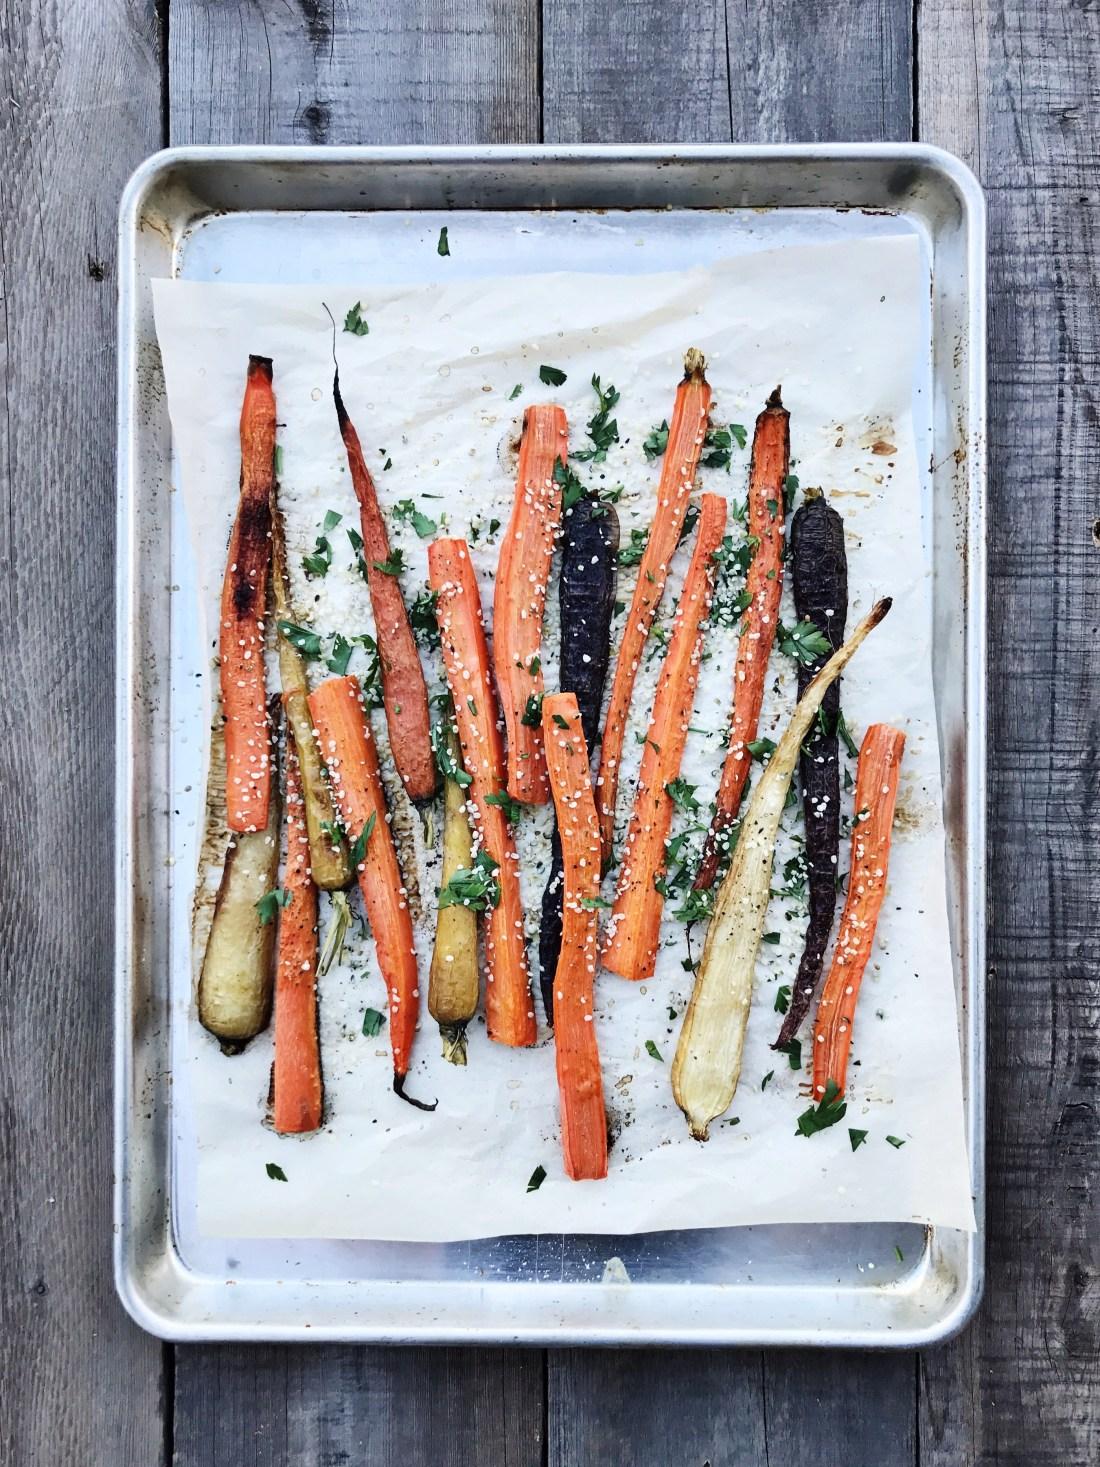 Roasted carrots with hemp hearts